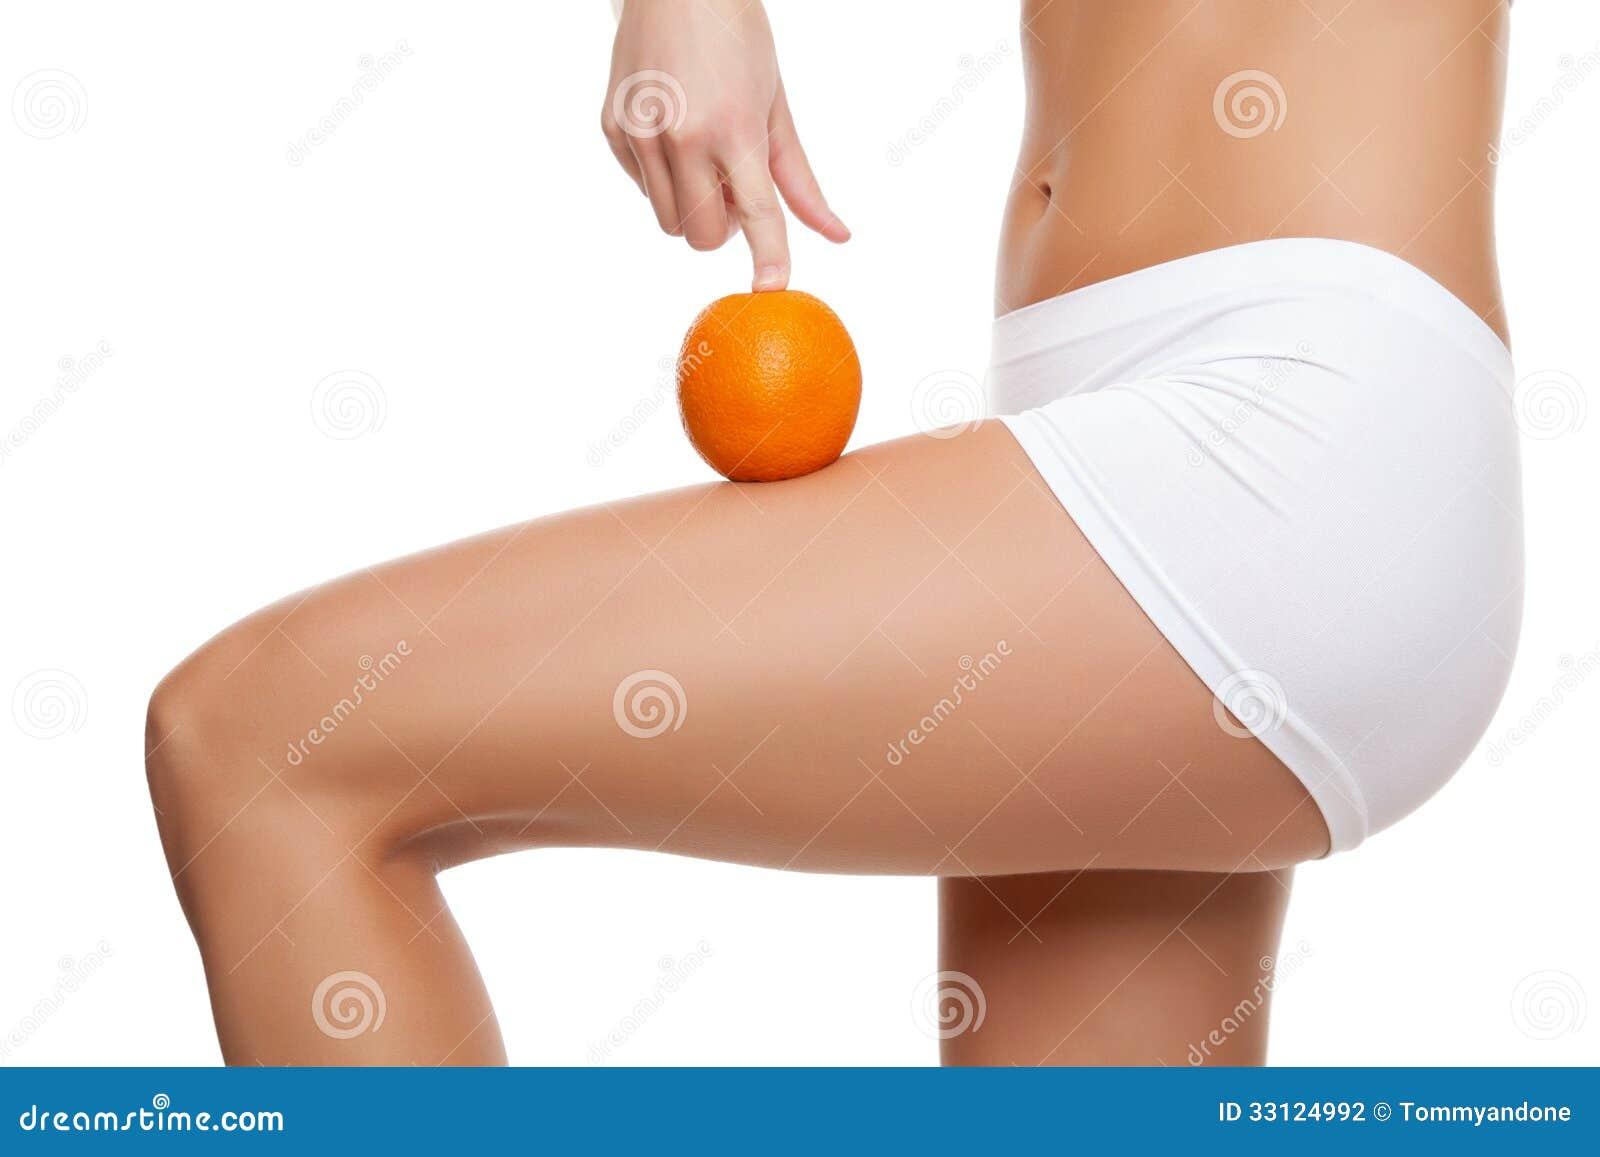 Γυναίκα με ένα πορτοκάλι που παρουσιάζει τέλειο δέρμα